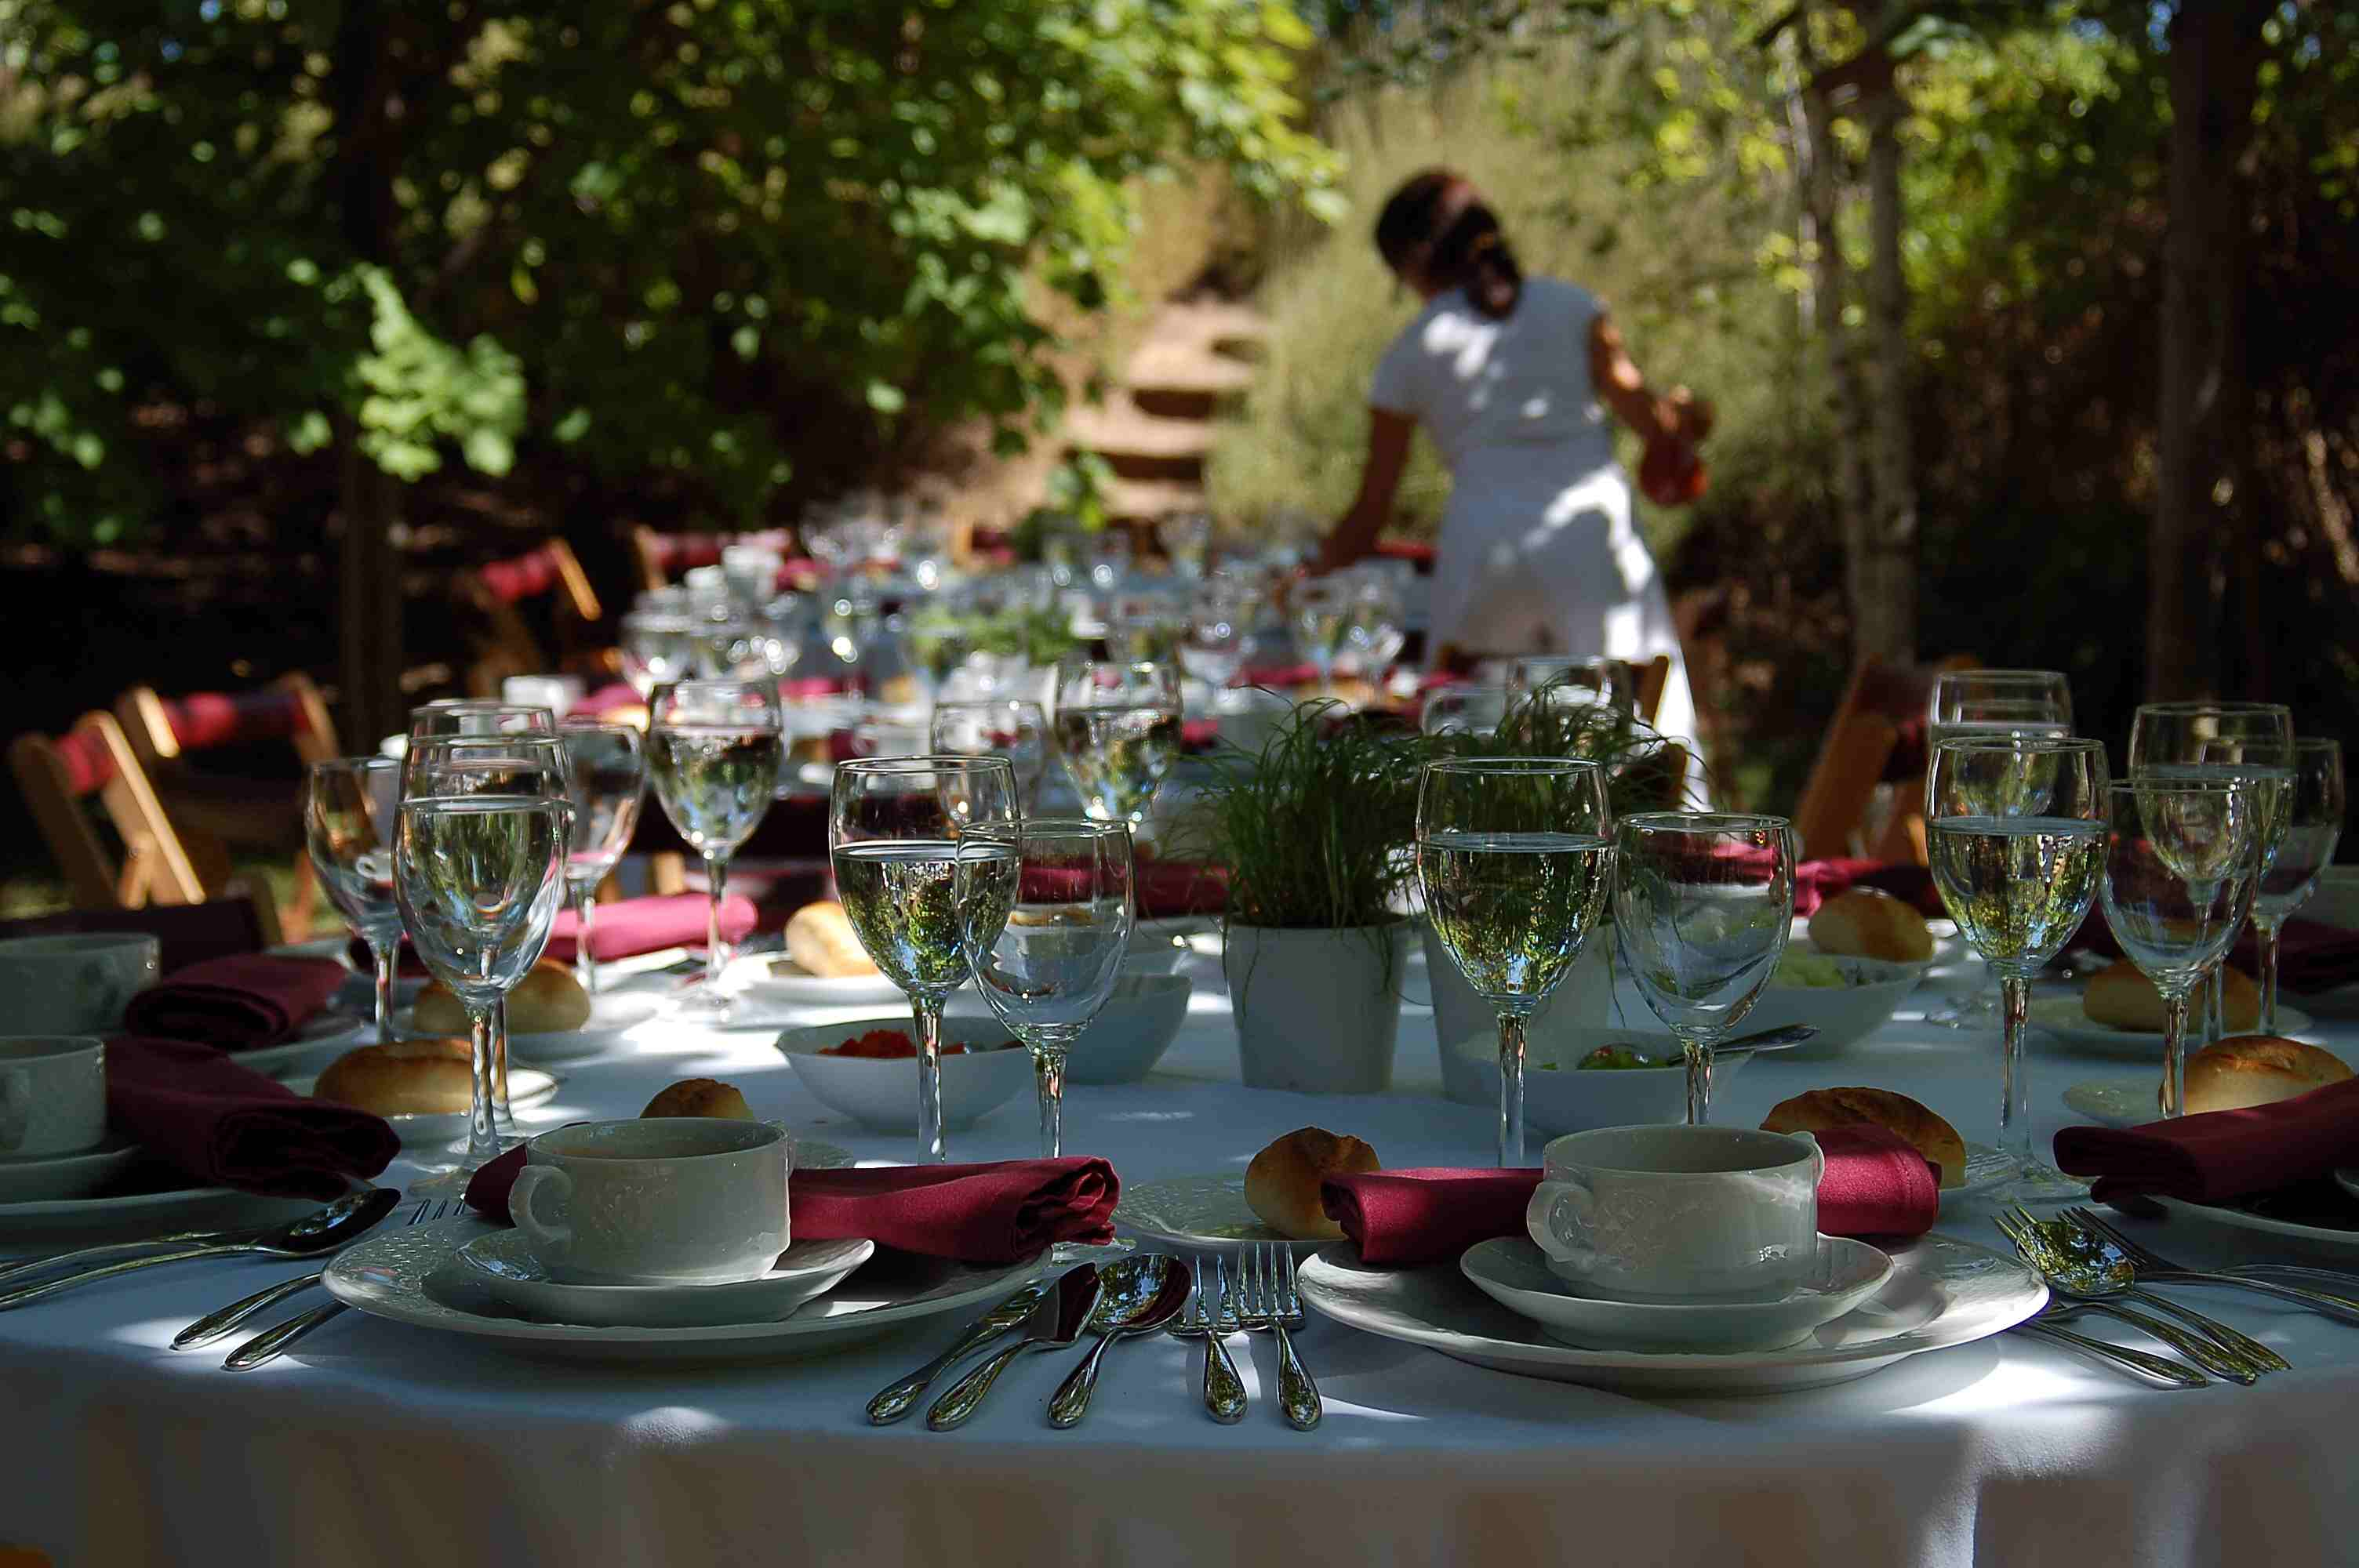 Servicio de catering para bodas mesa de temporada - Donde celebrar mi boda en madrid ...